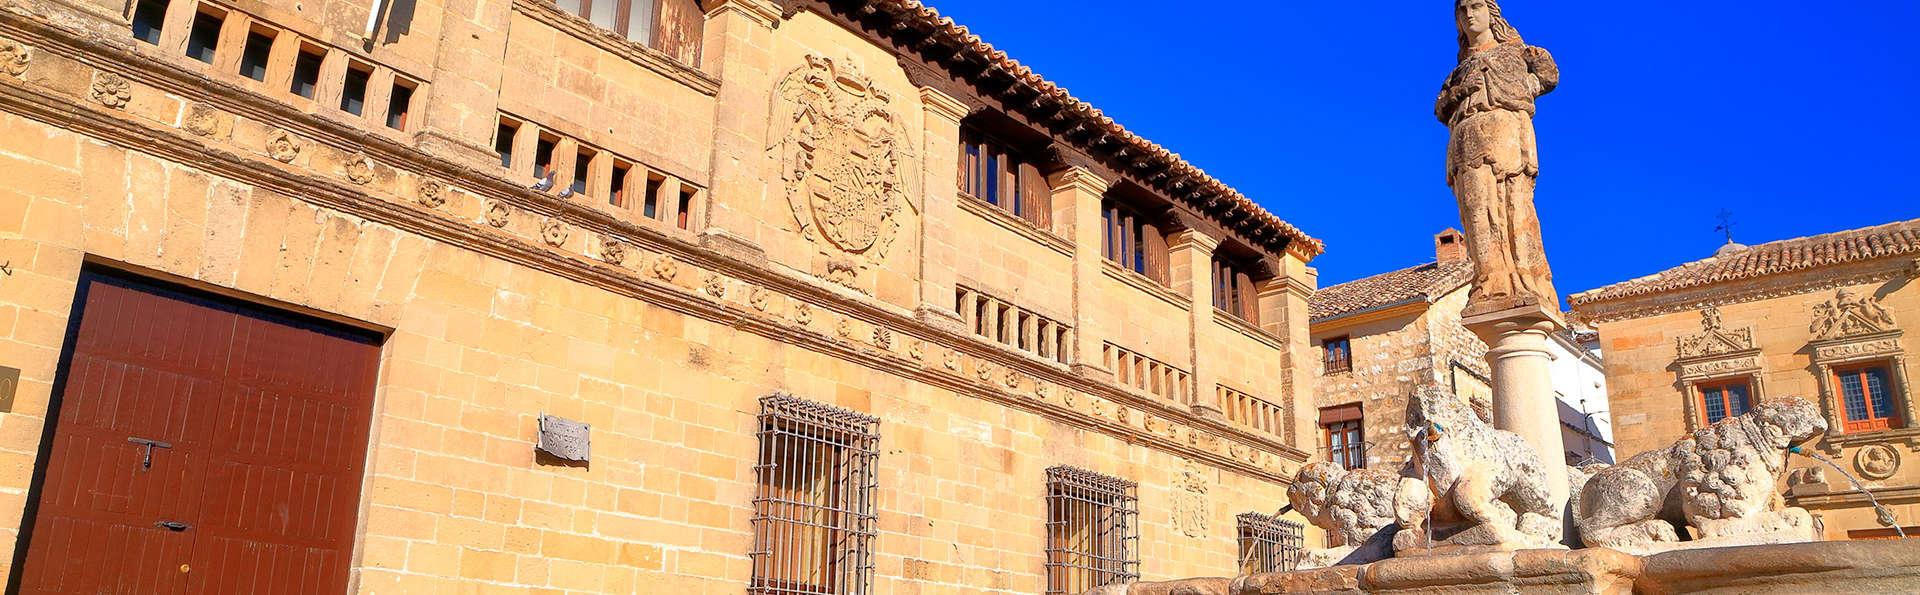 Hotel Palacio de los Salcedo - EDIT_destination.jpg